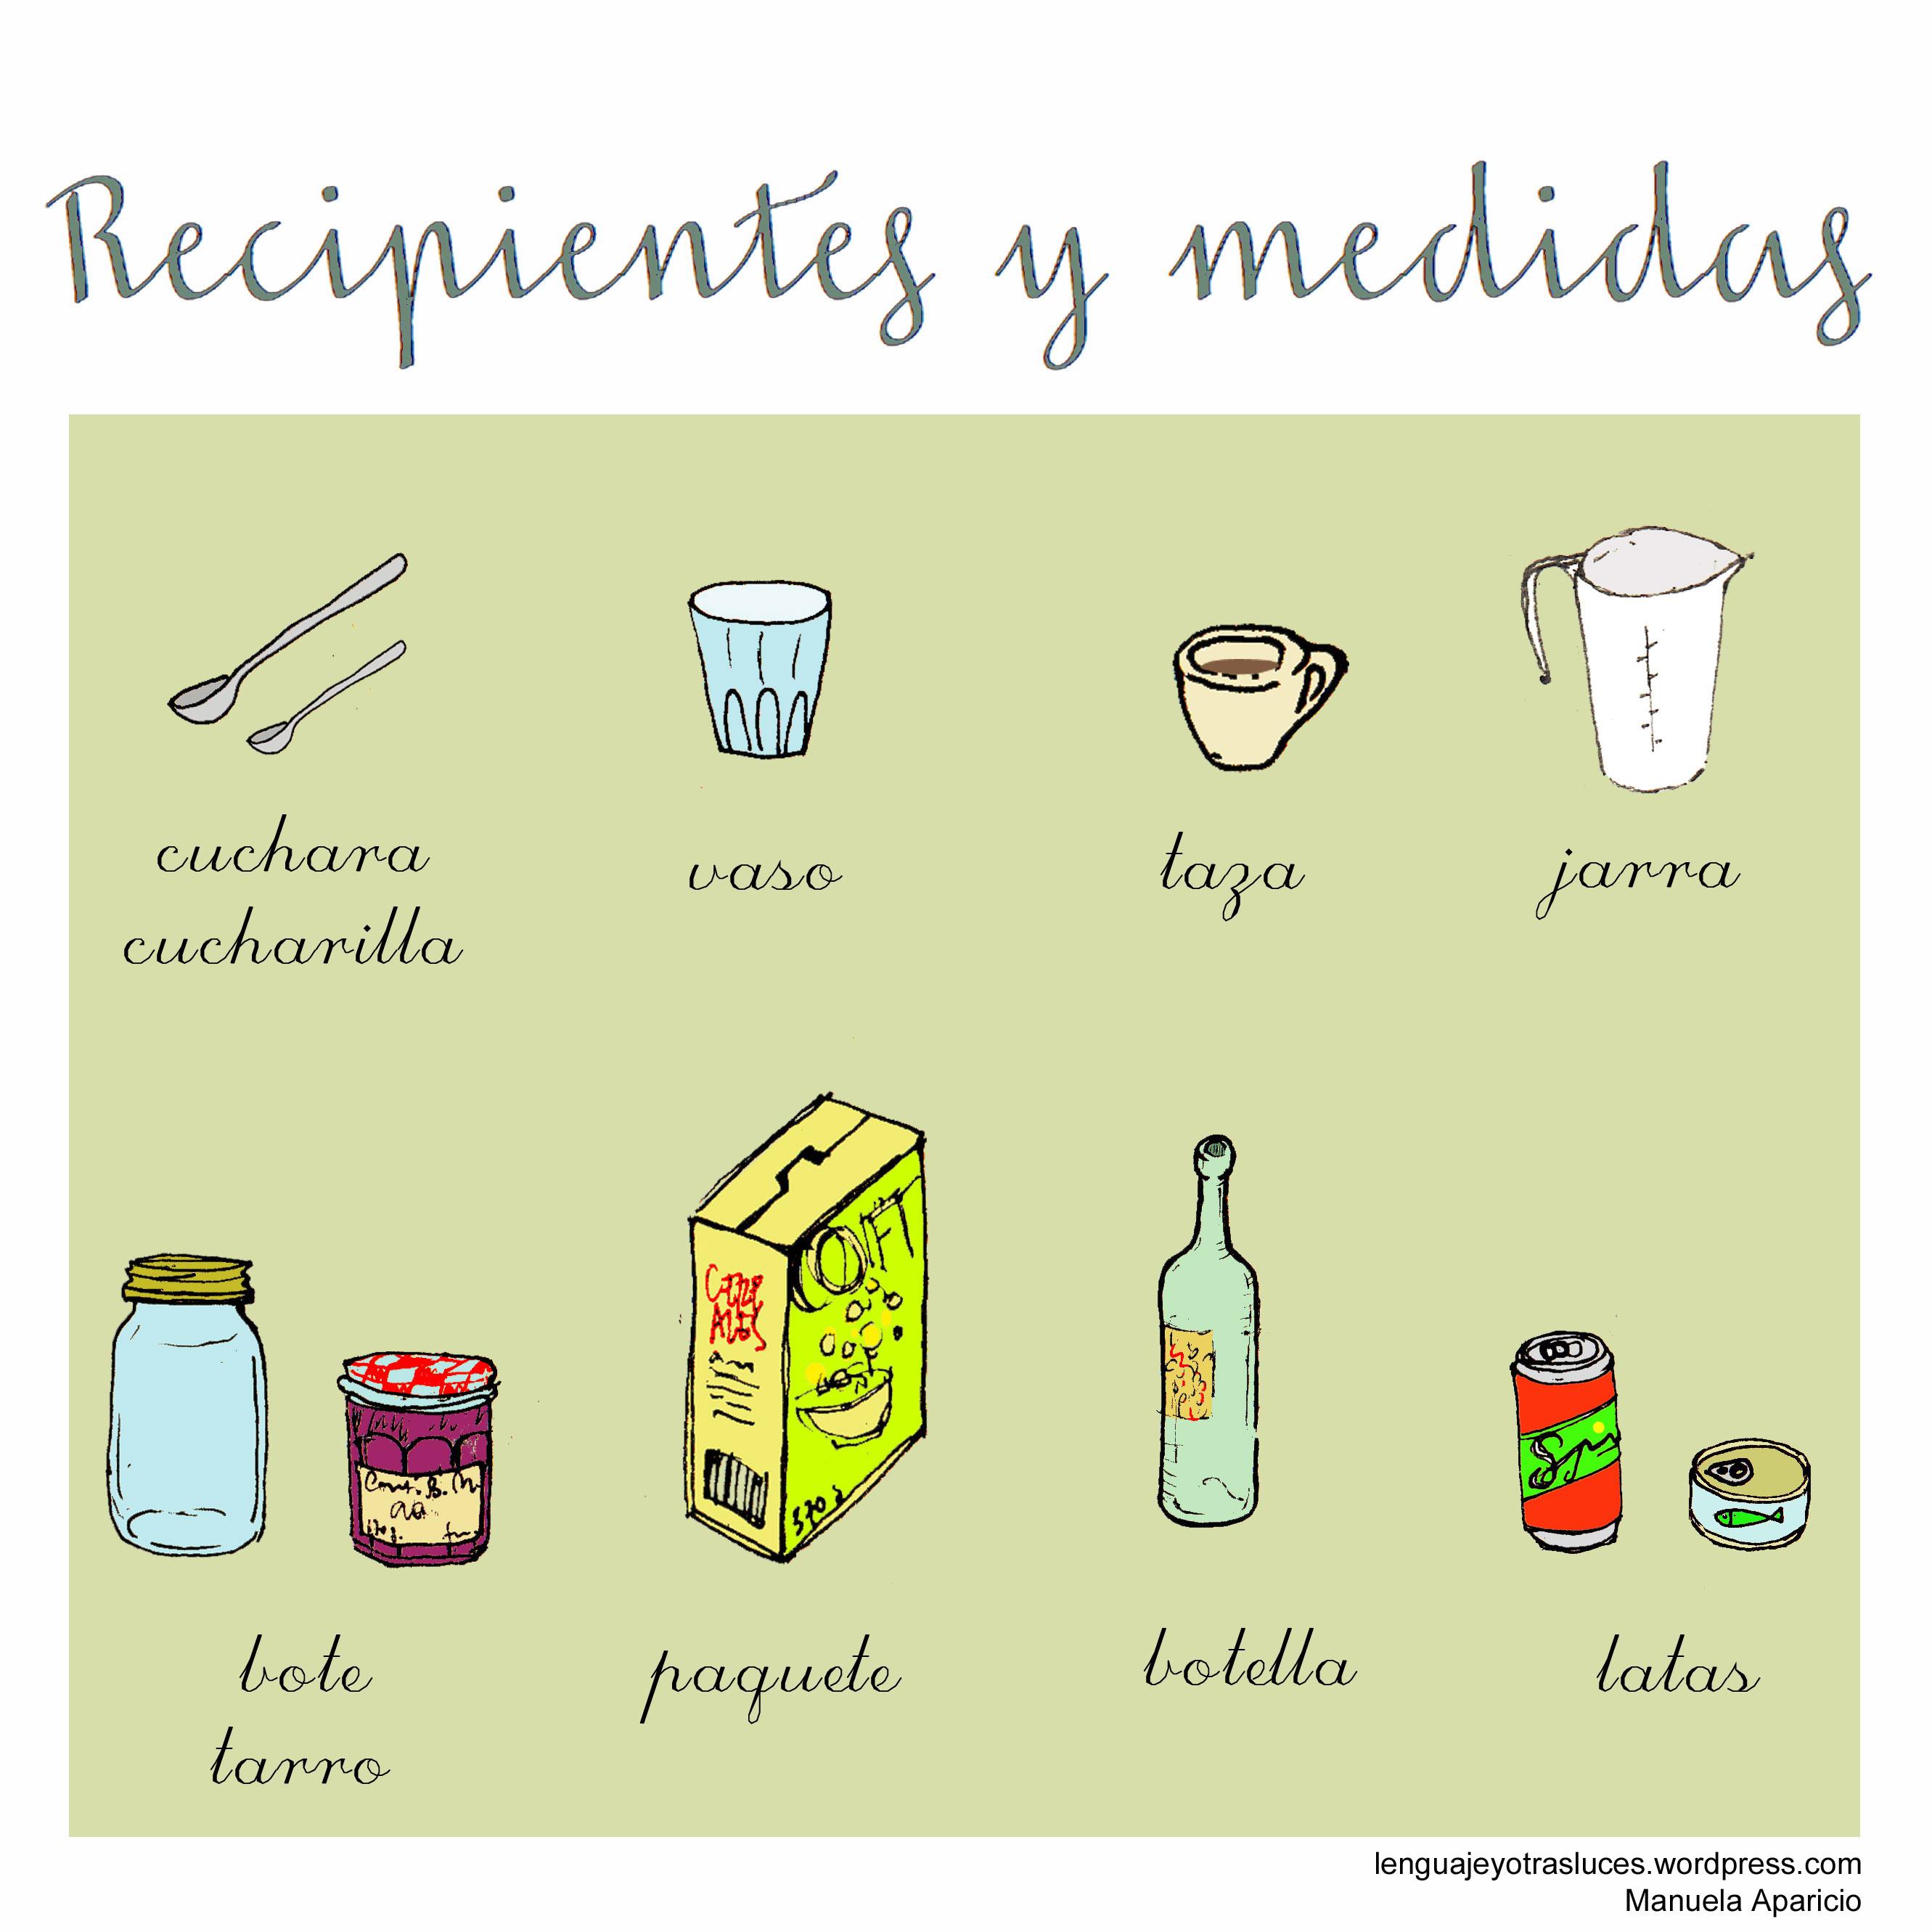 Utensilios recipientes y medidas de cocina lenguaje y for Utensilios de cocina antiguos con nombres